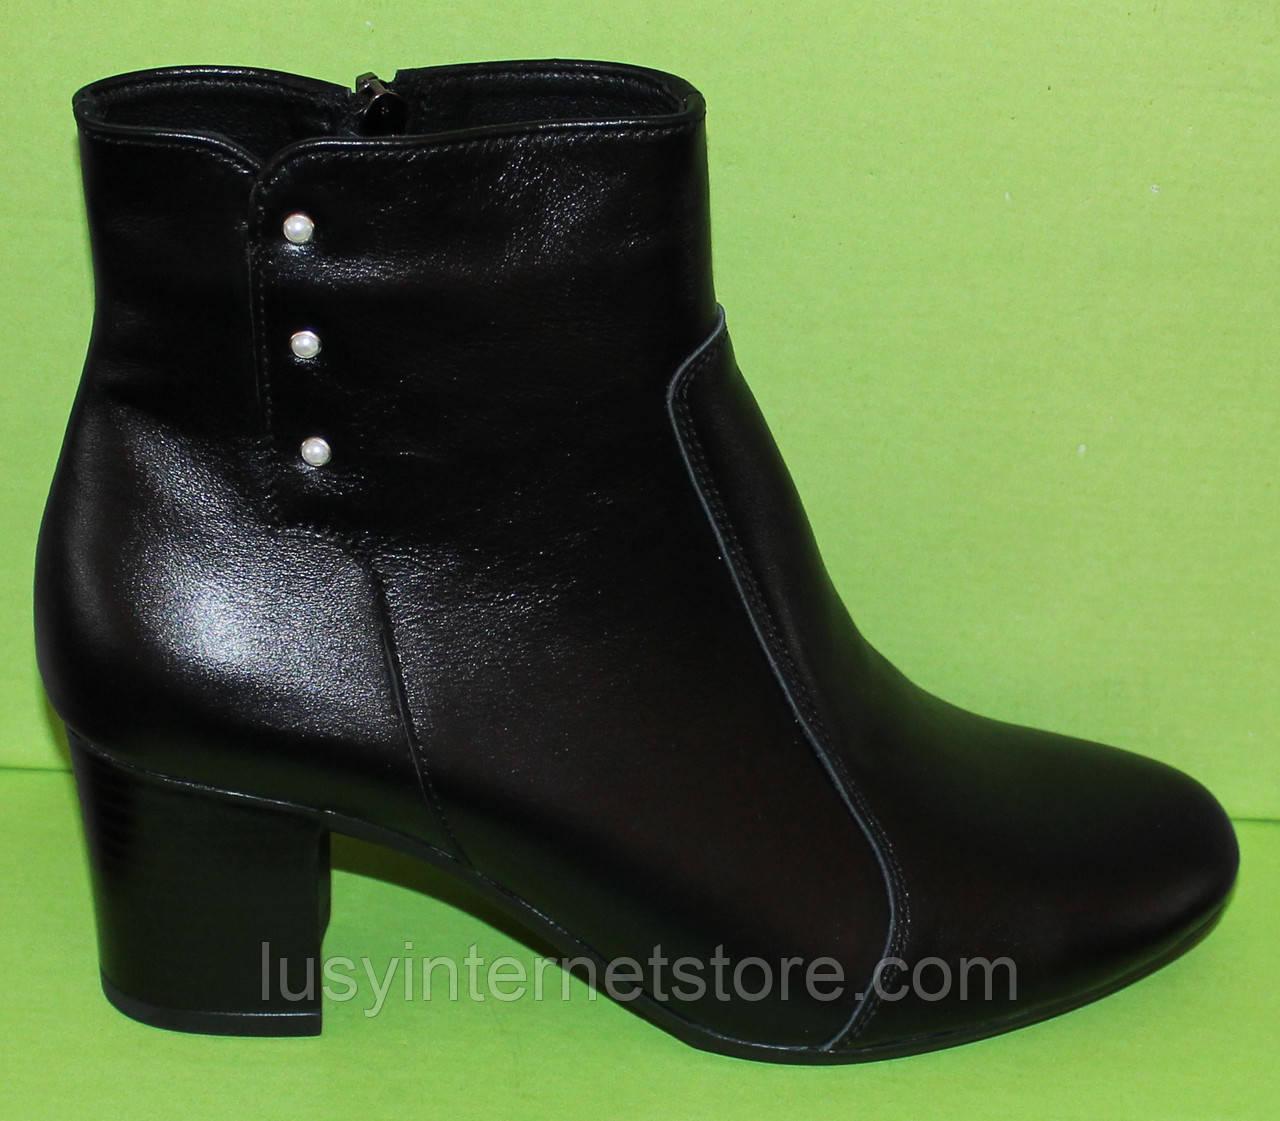 Весенние женские кожаные ботинки на каблуке, женская обувь кожа от  производителя модель В1662 - Lusy 98ae1bf81ae